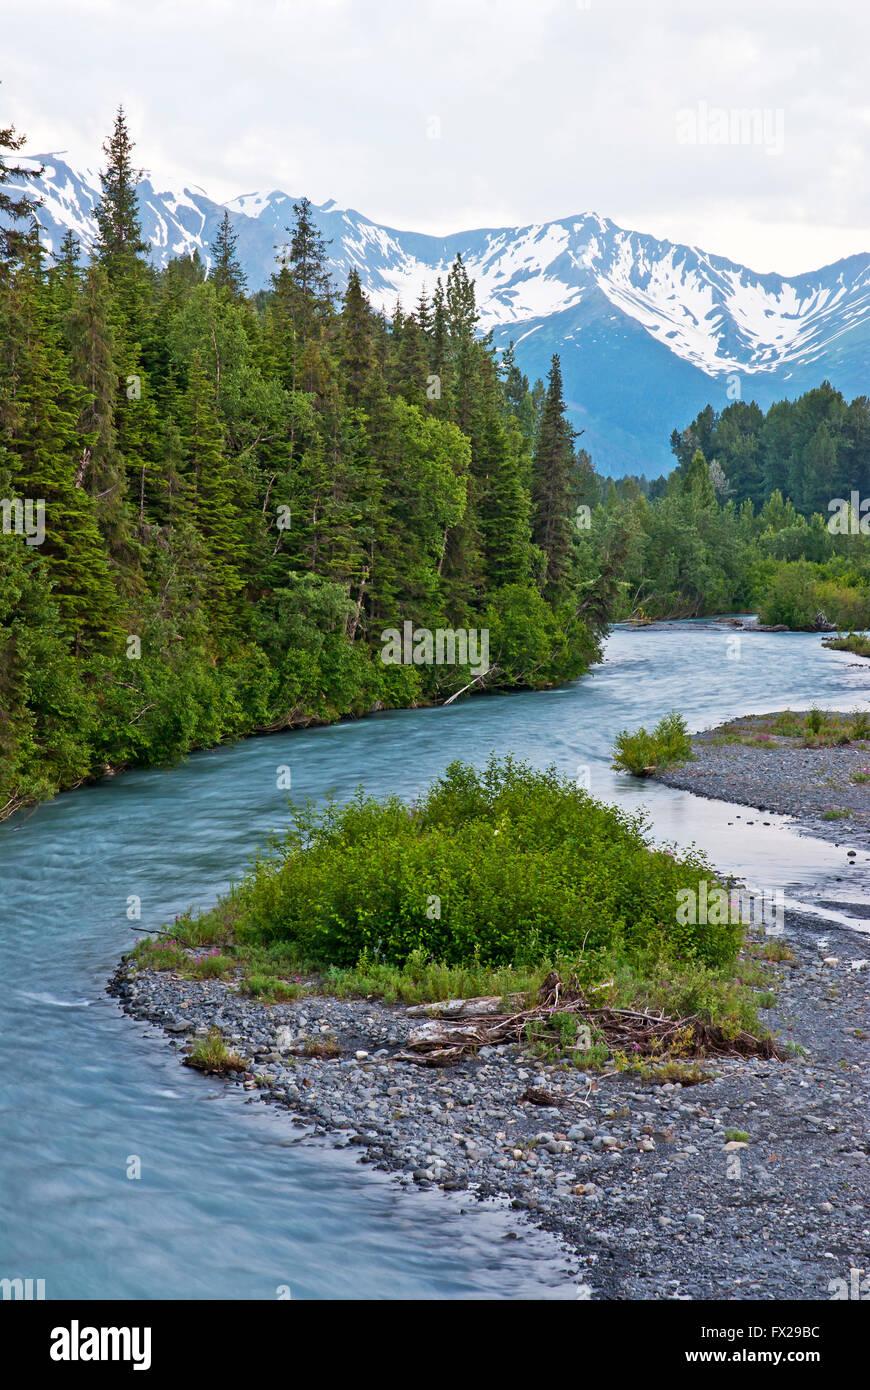 Girdwood area, Alyeska, Alaska, USA - Stock Image